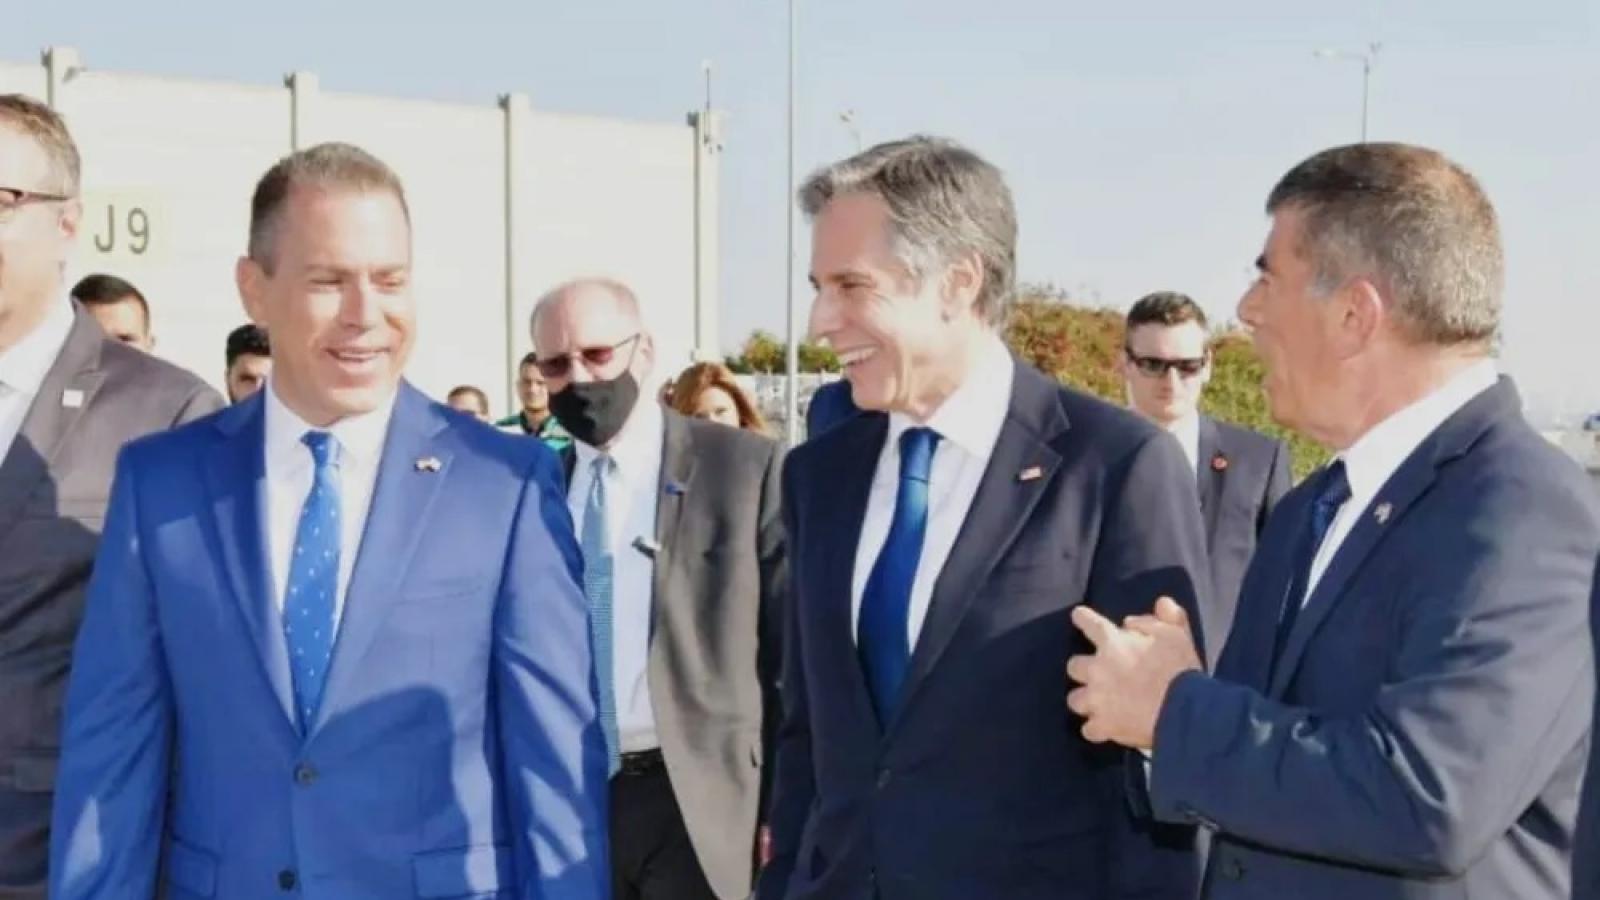 Ngoại trưởng Mỹ tới Israel hỗ trợ lệnh ngừng bắn ở Dải Gaza